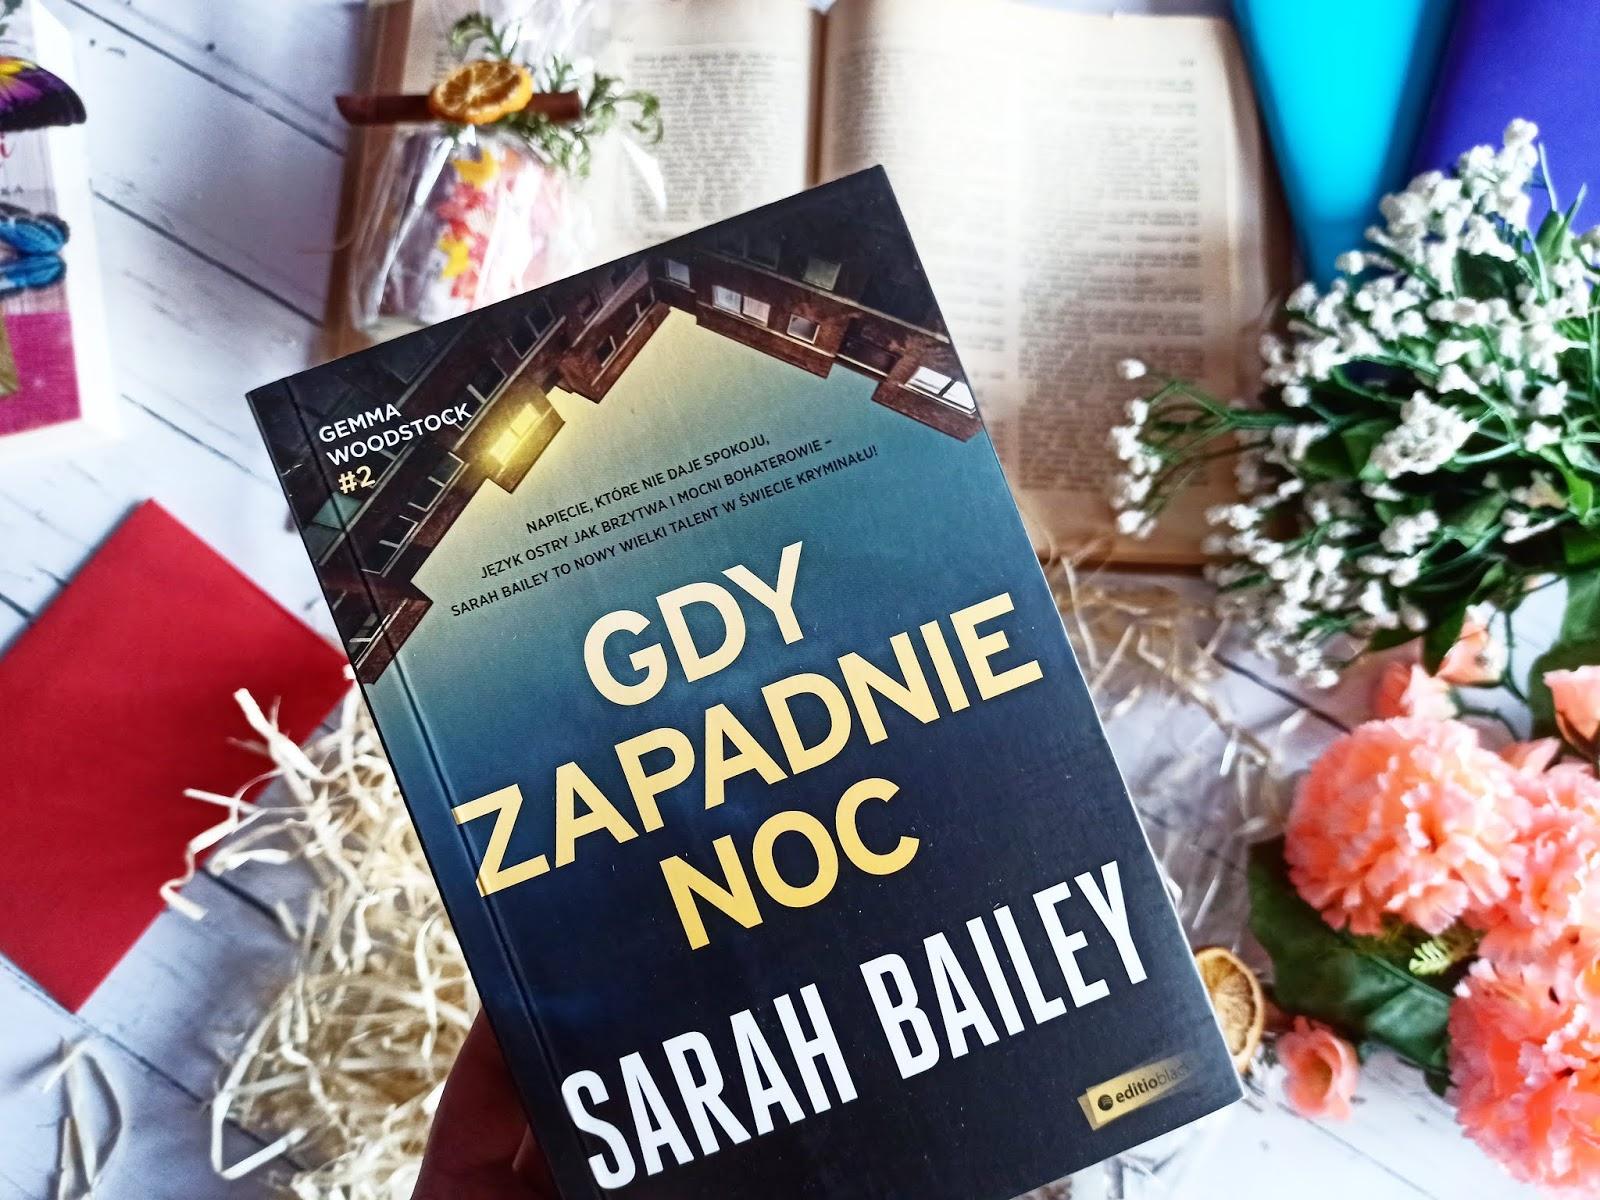 """""""Gdy zapadnie noc"""" - Sarah Bailey"""